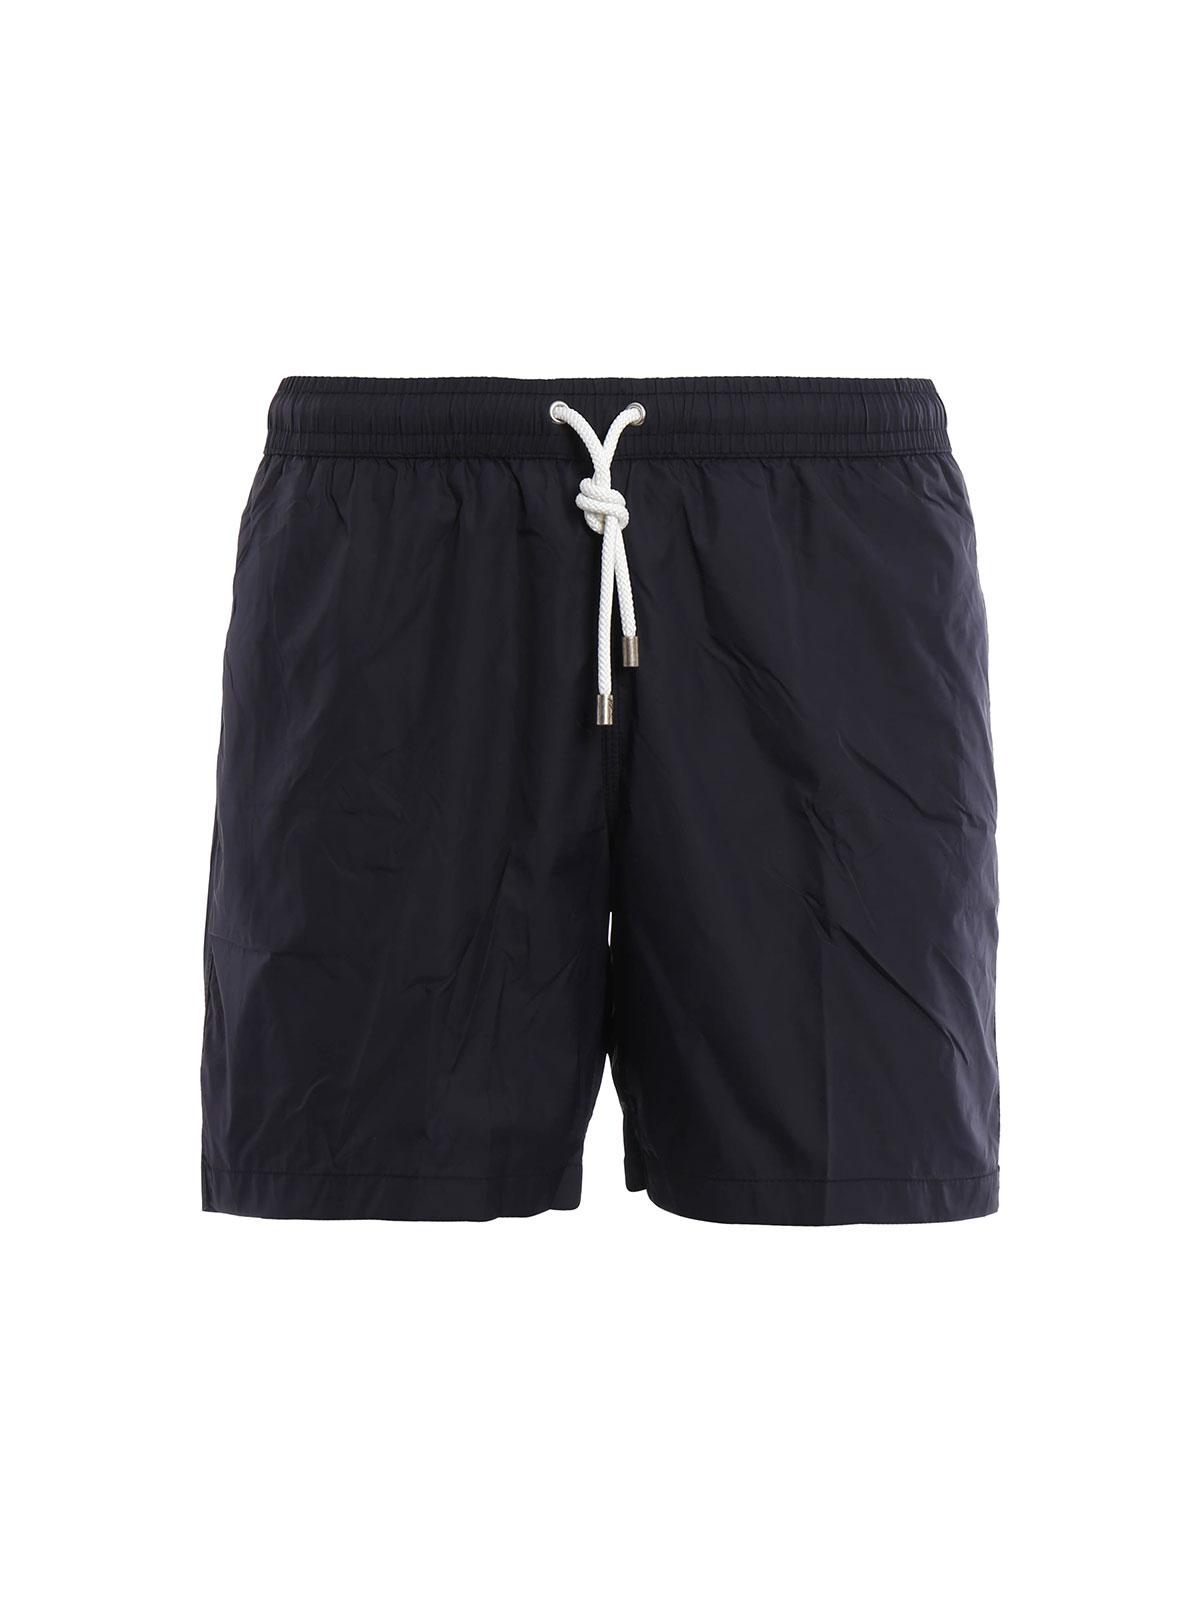 0c89b0ca1b877 HARTFORD: Swim shorts & swimming trunks - Ultralight nylon swim shorts